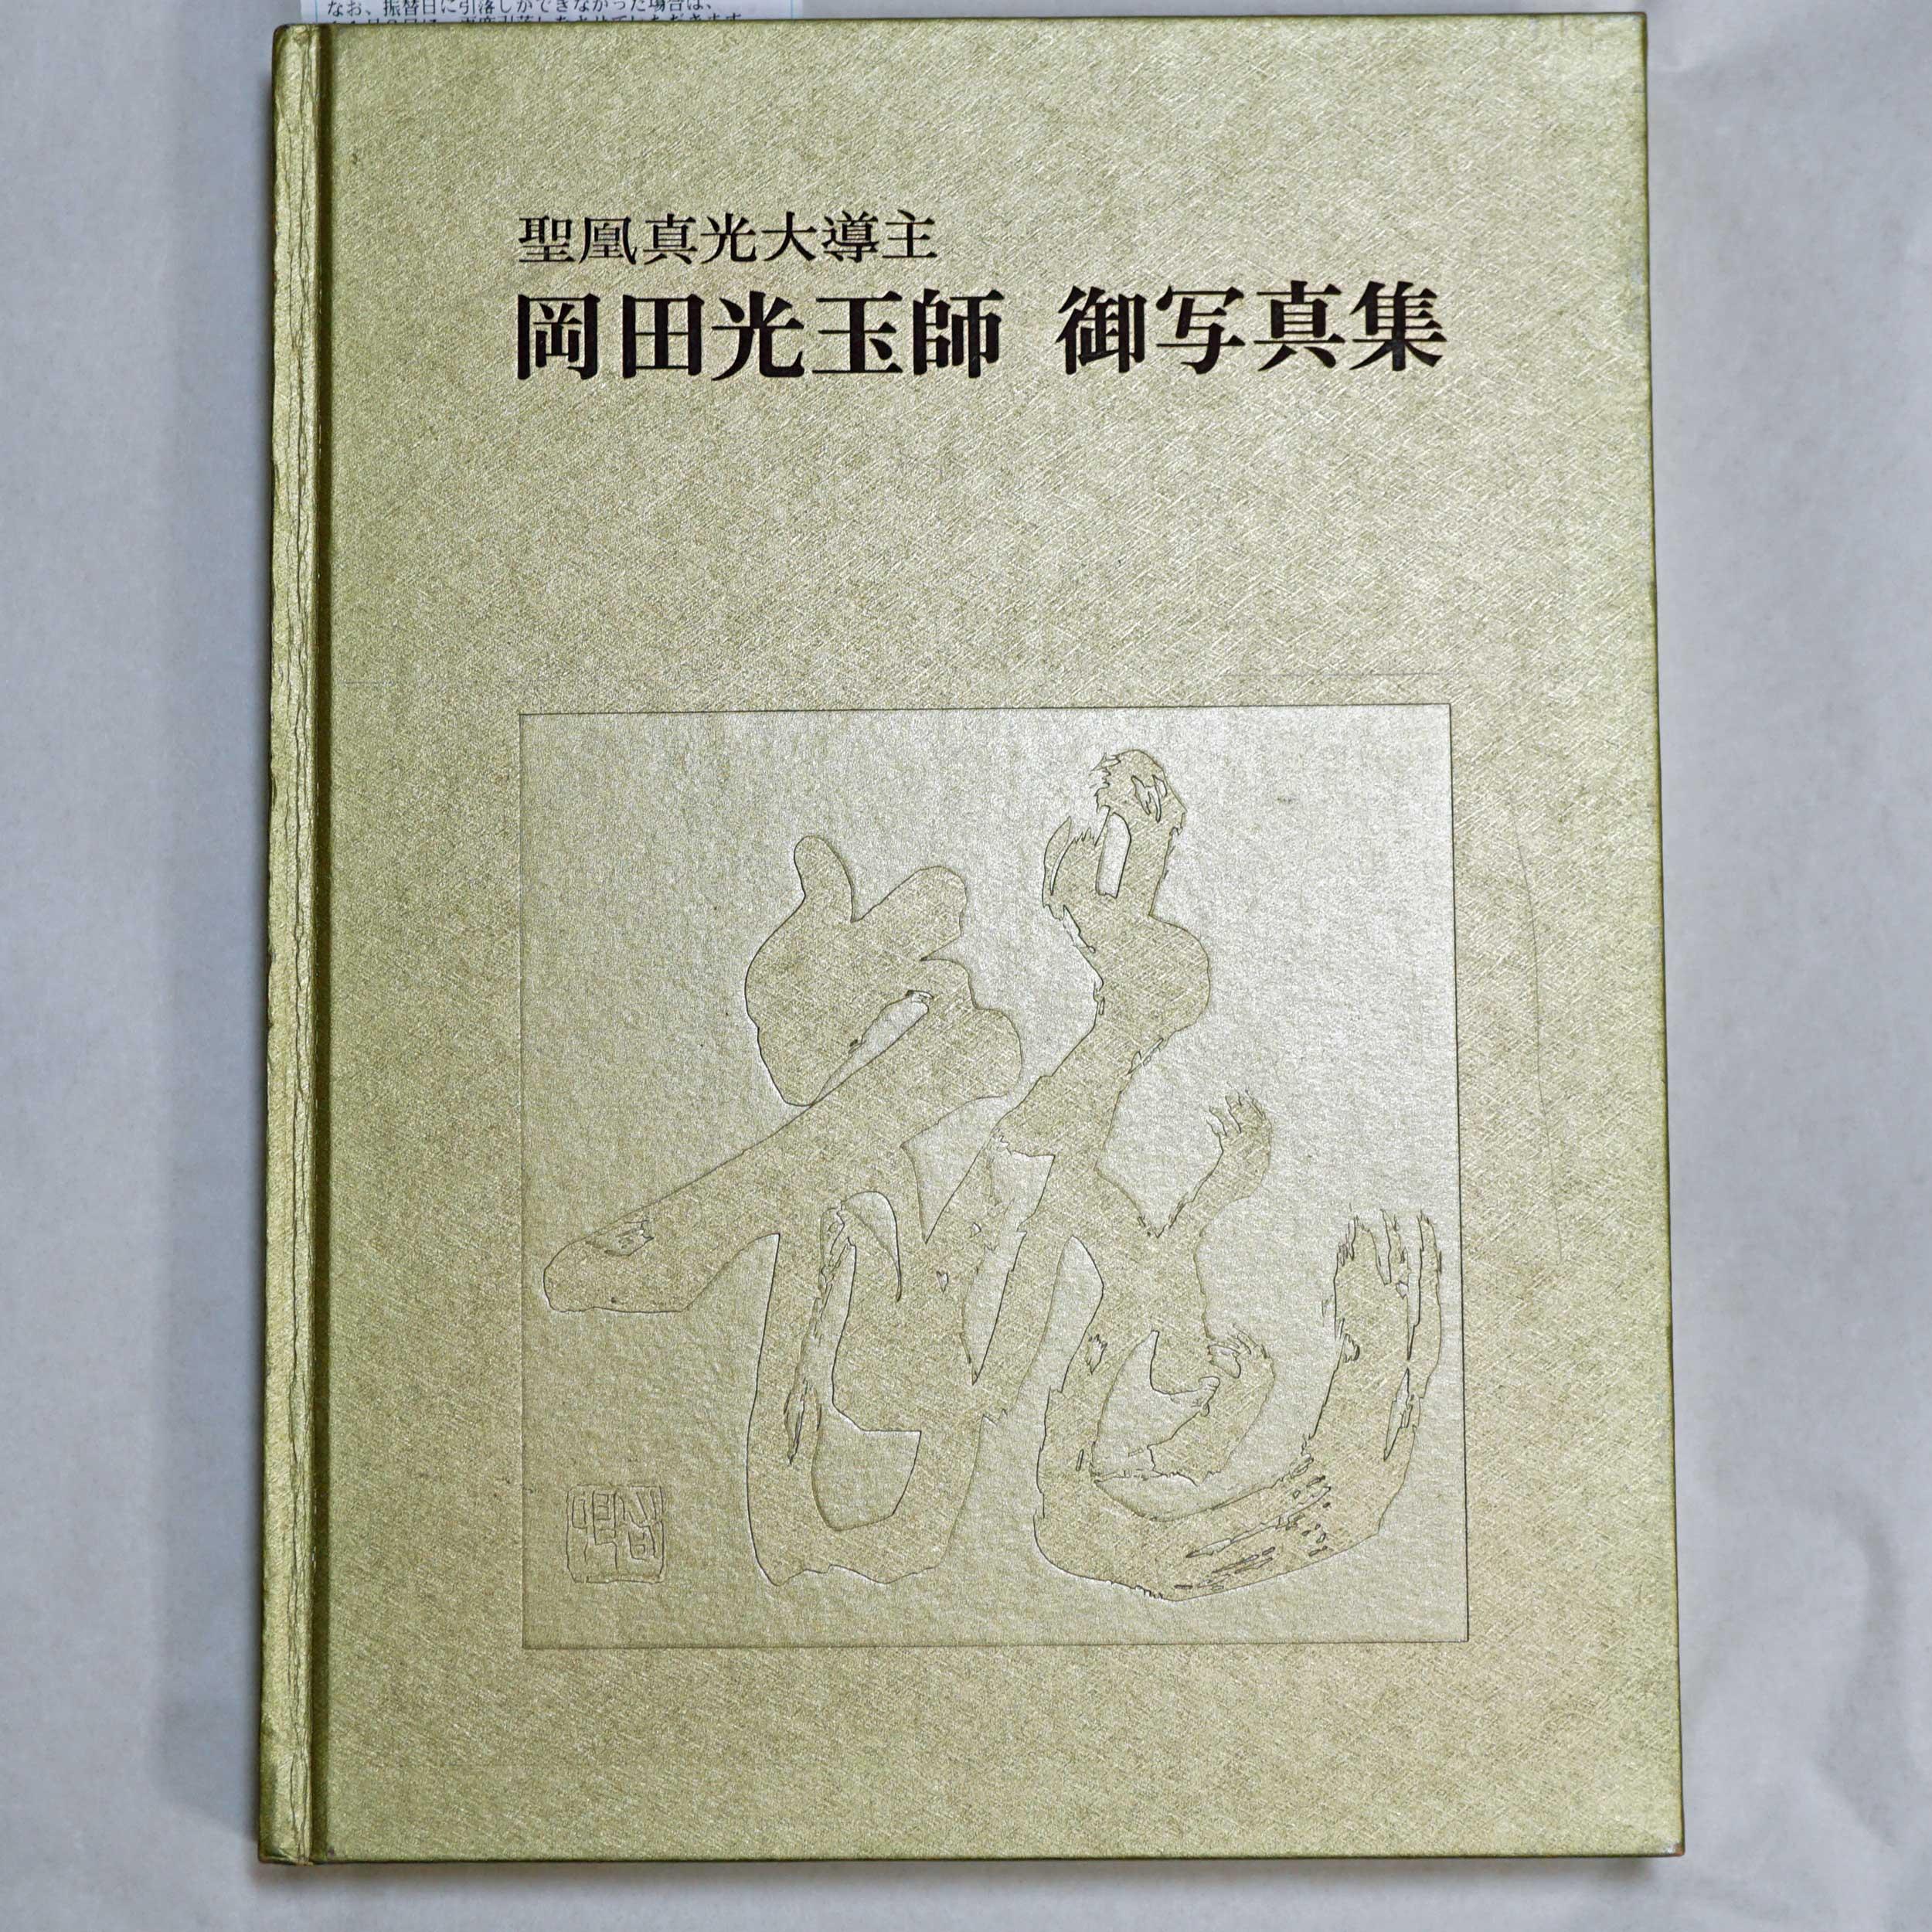 0303yuukei02.jpg